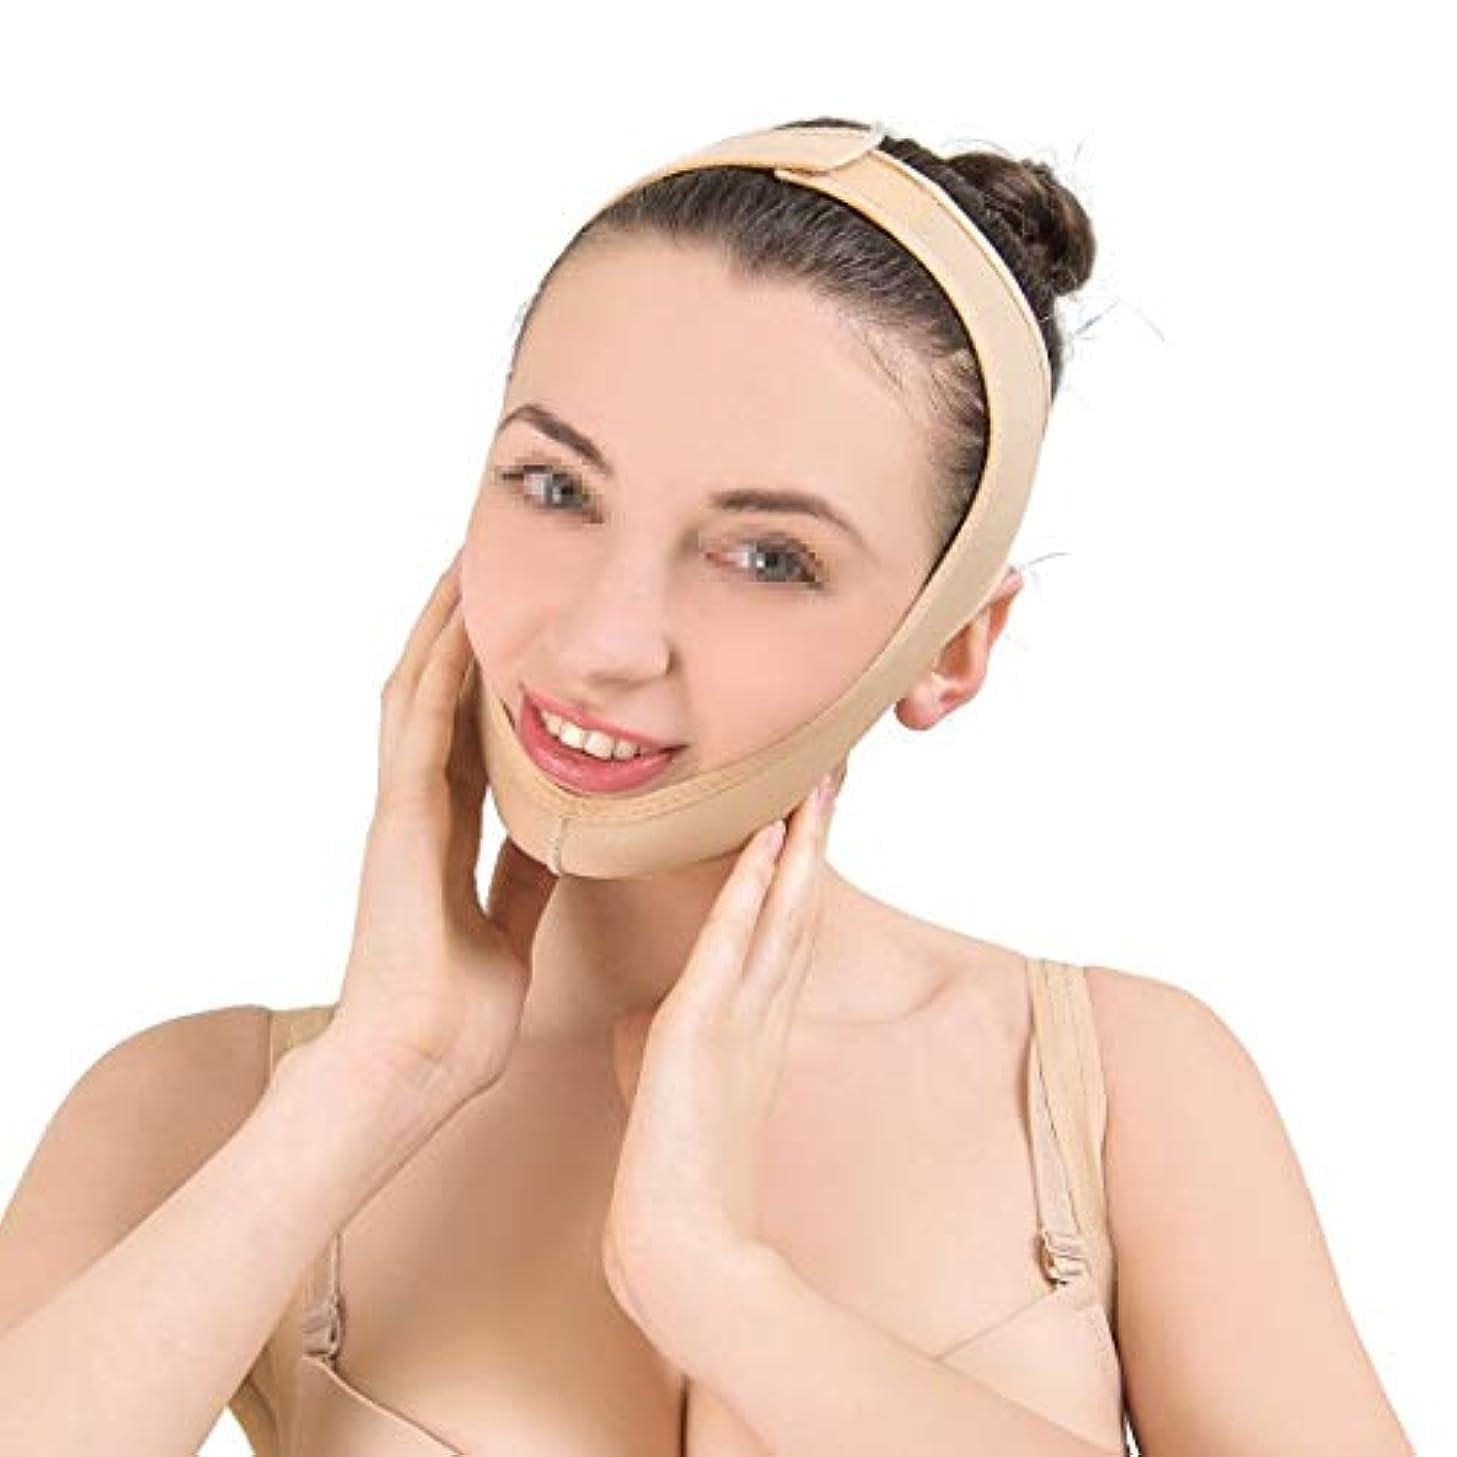 ゴシップ衣服に対してZWBD フェイスマスク, フェイシャル痩身フェイシャルマスクリフティングベルトで肌の包帯を引き締め、Vフェイスライン包帯のダブルチンケア減量ベルトを強化 (Size : M)